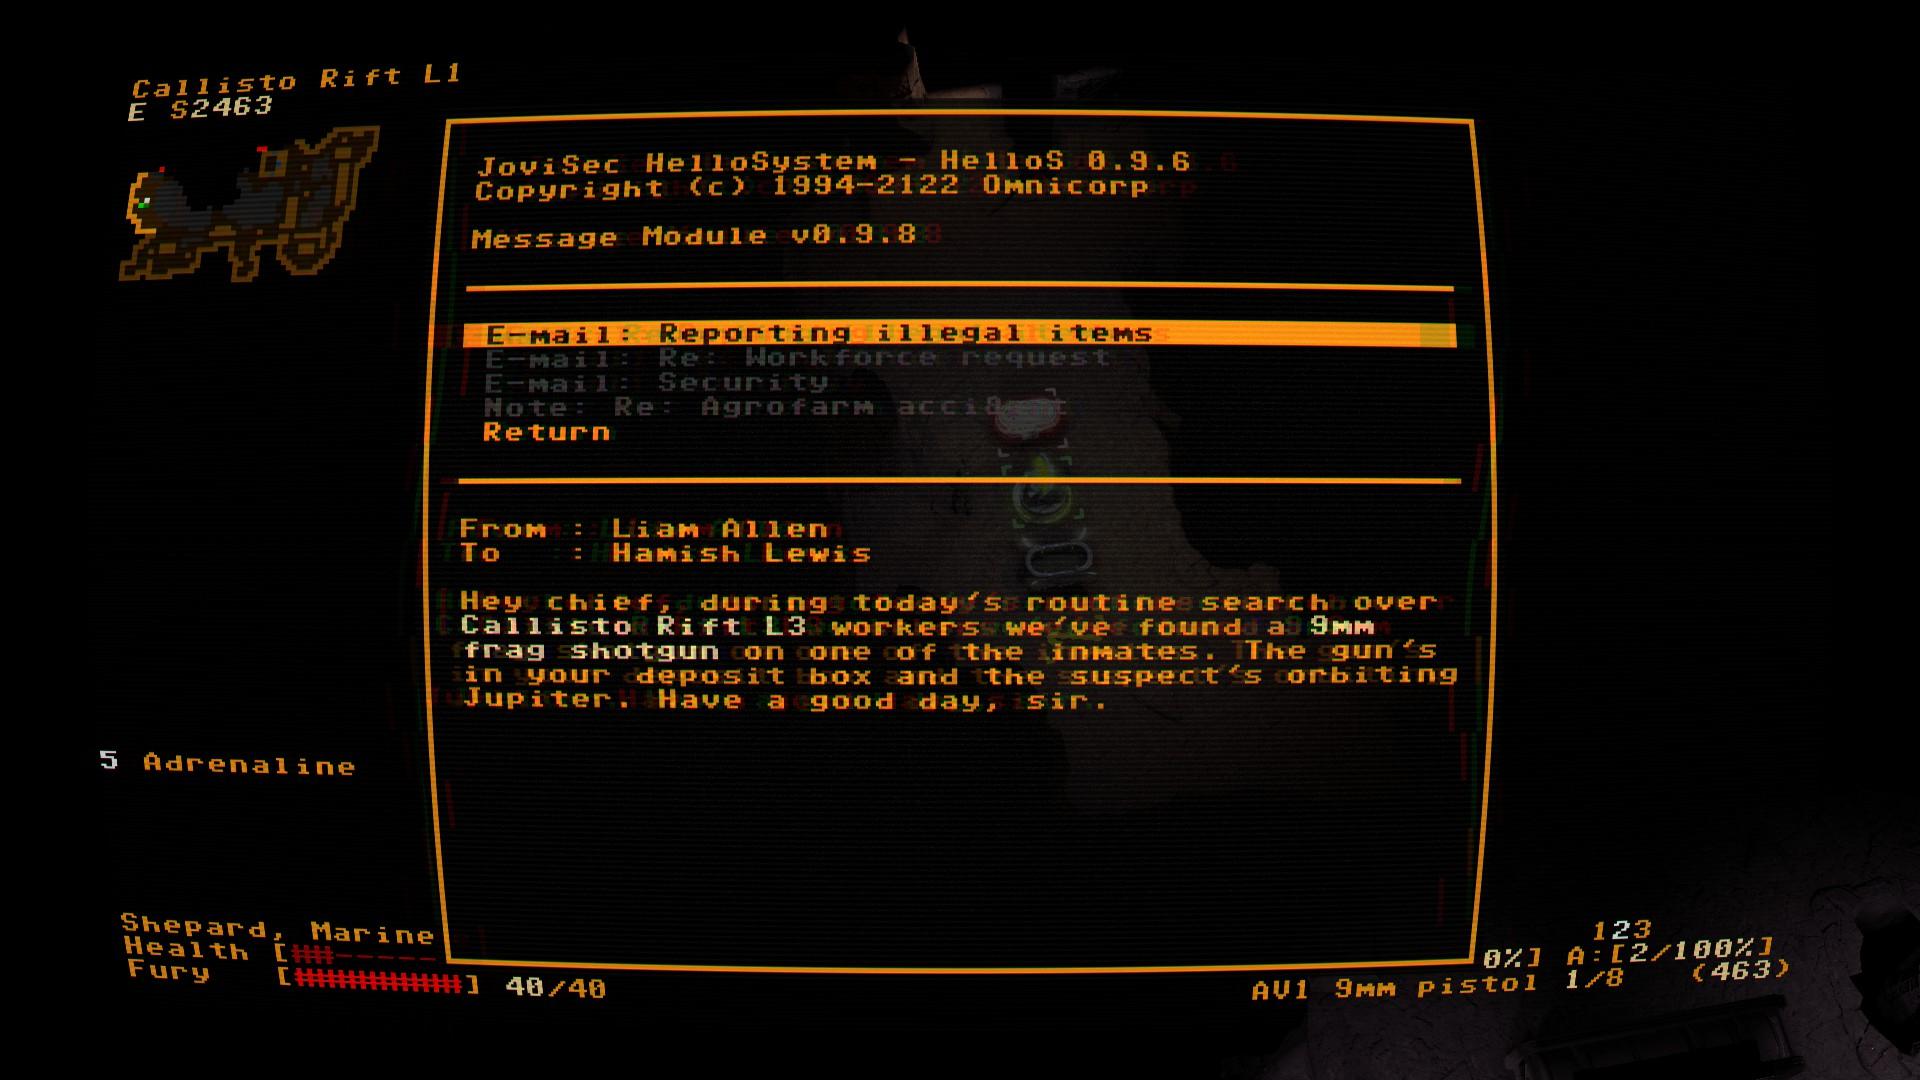 Les terminaux informatiques sont le meilleur outil de l'ingénieur qui pourra utiliser les défenses internes à son avantage